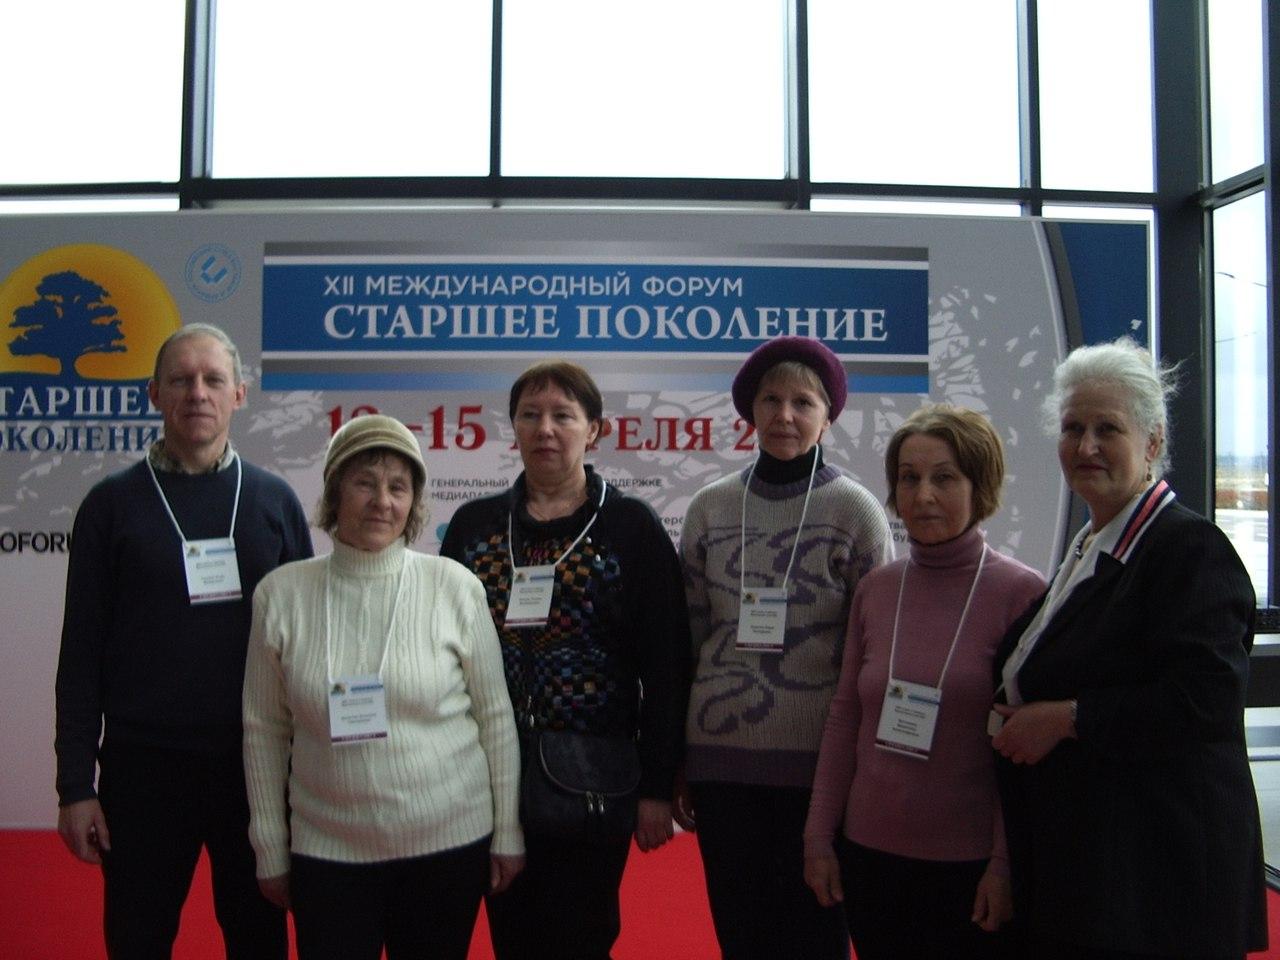 Группа «Возрождение» (Скандинавчкой ходьба), посетила XII МЕЖДУНАРОДНЫЙ ФОРУМ «СТАРШЕЕ ПОКОЛЕНИЕ»